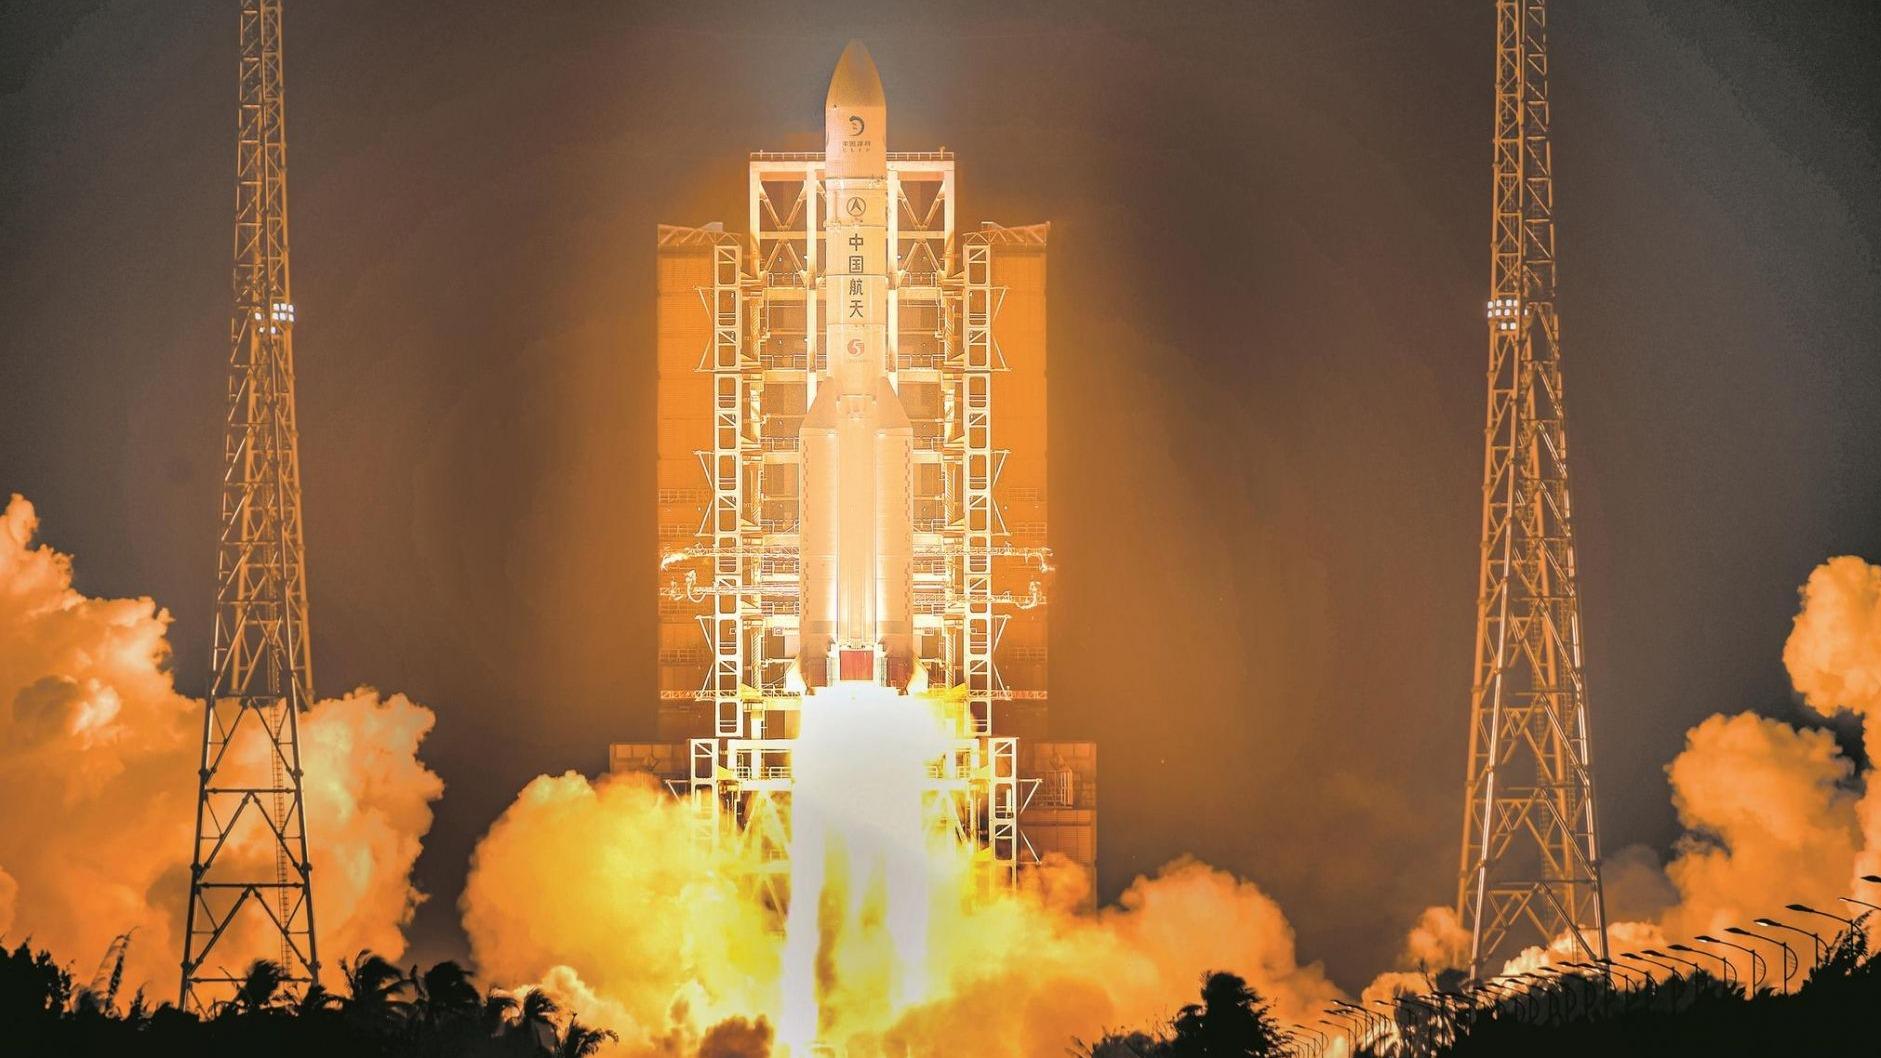 嫦娥五号飞天 开启探月之旅